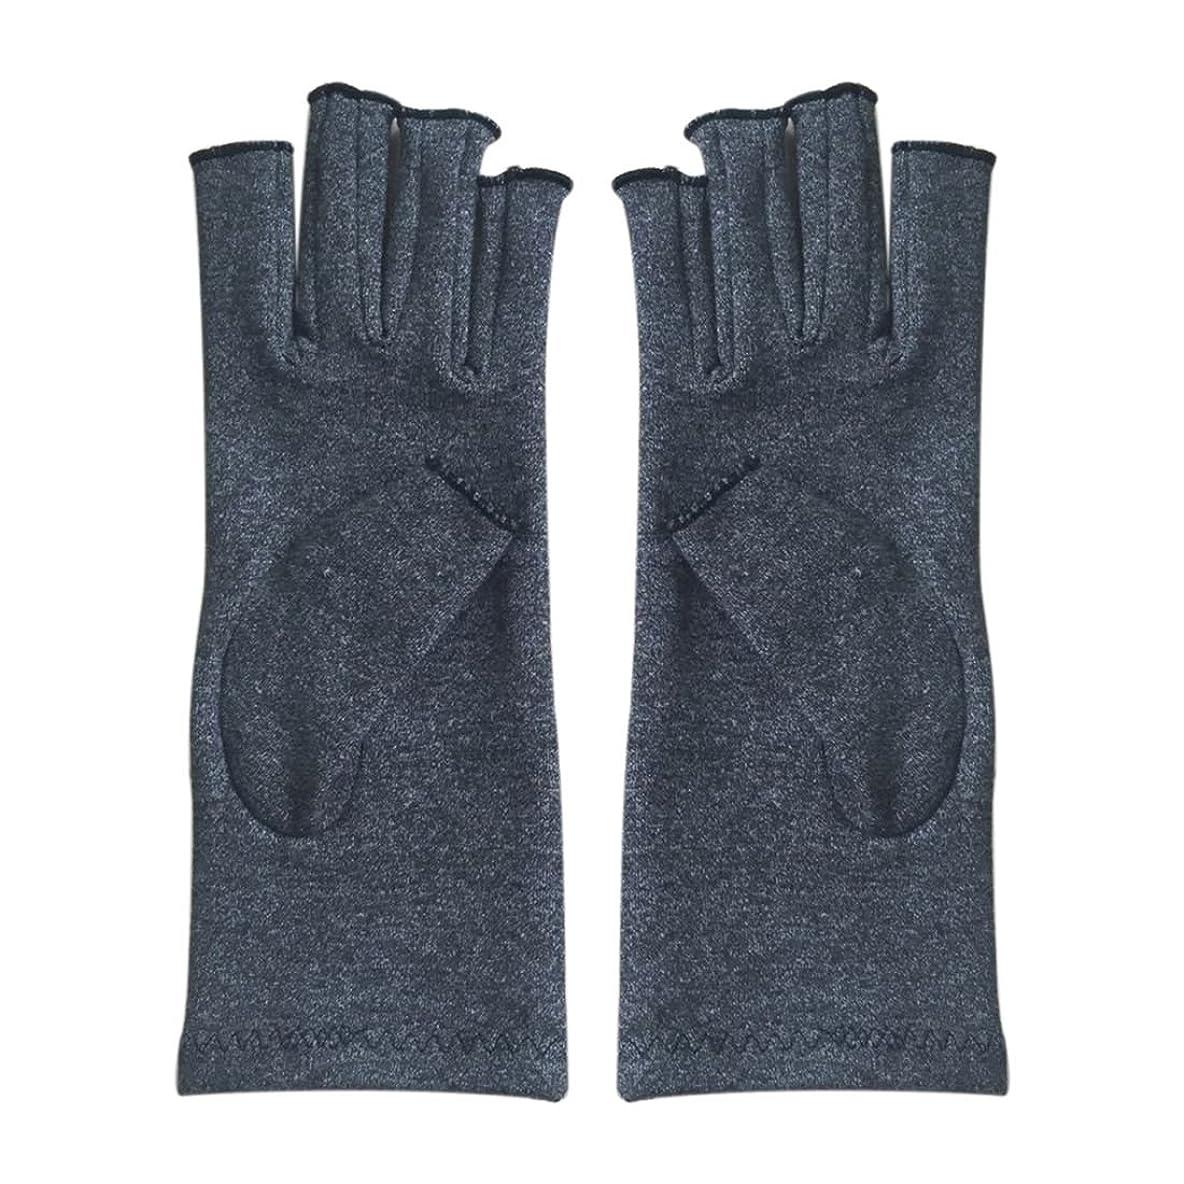 地球脱臼するはちみつTOOGOO ペア 弾性コットンコンプレッション手袋 ユニセックス 関節炎 関節痛 鎮痛 軽減 S 灰色